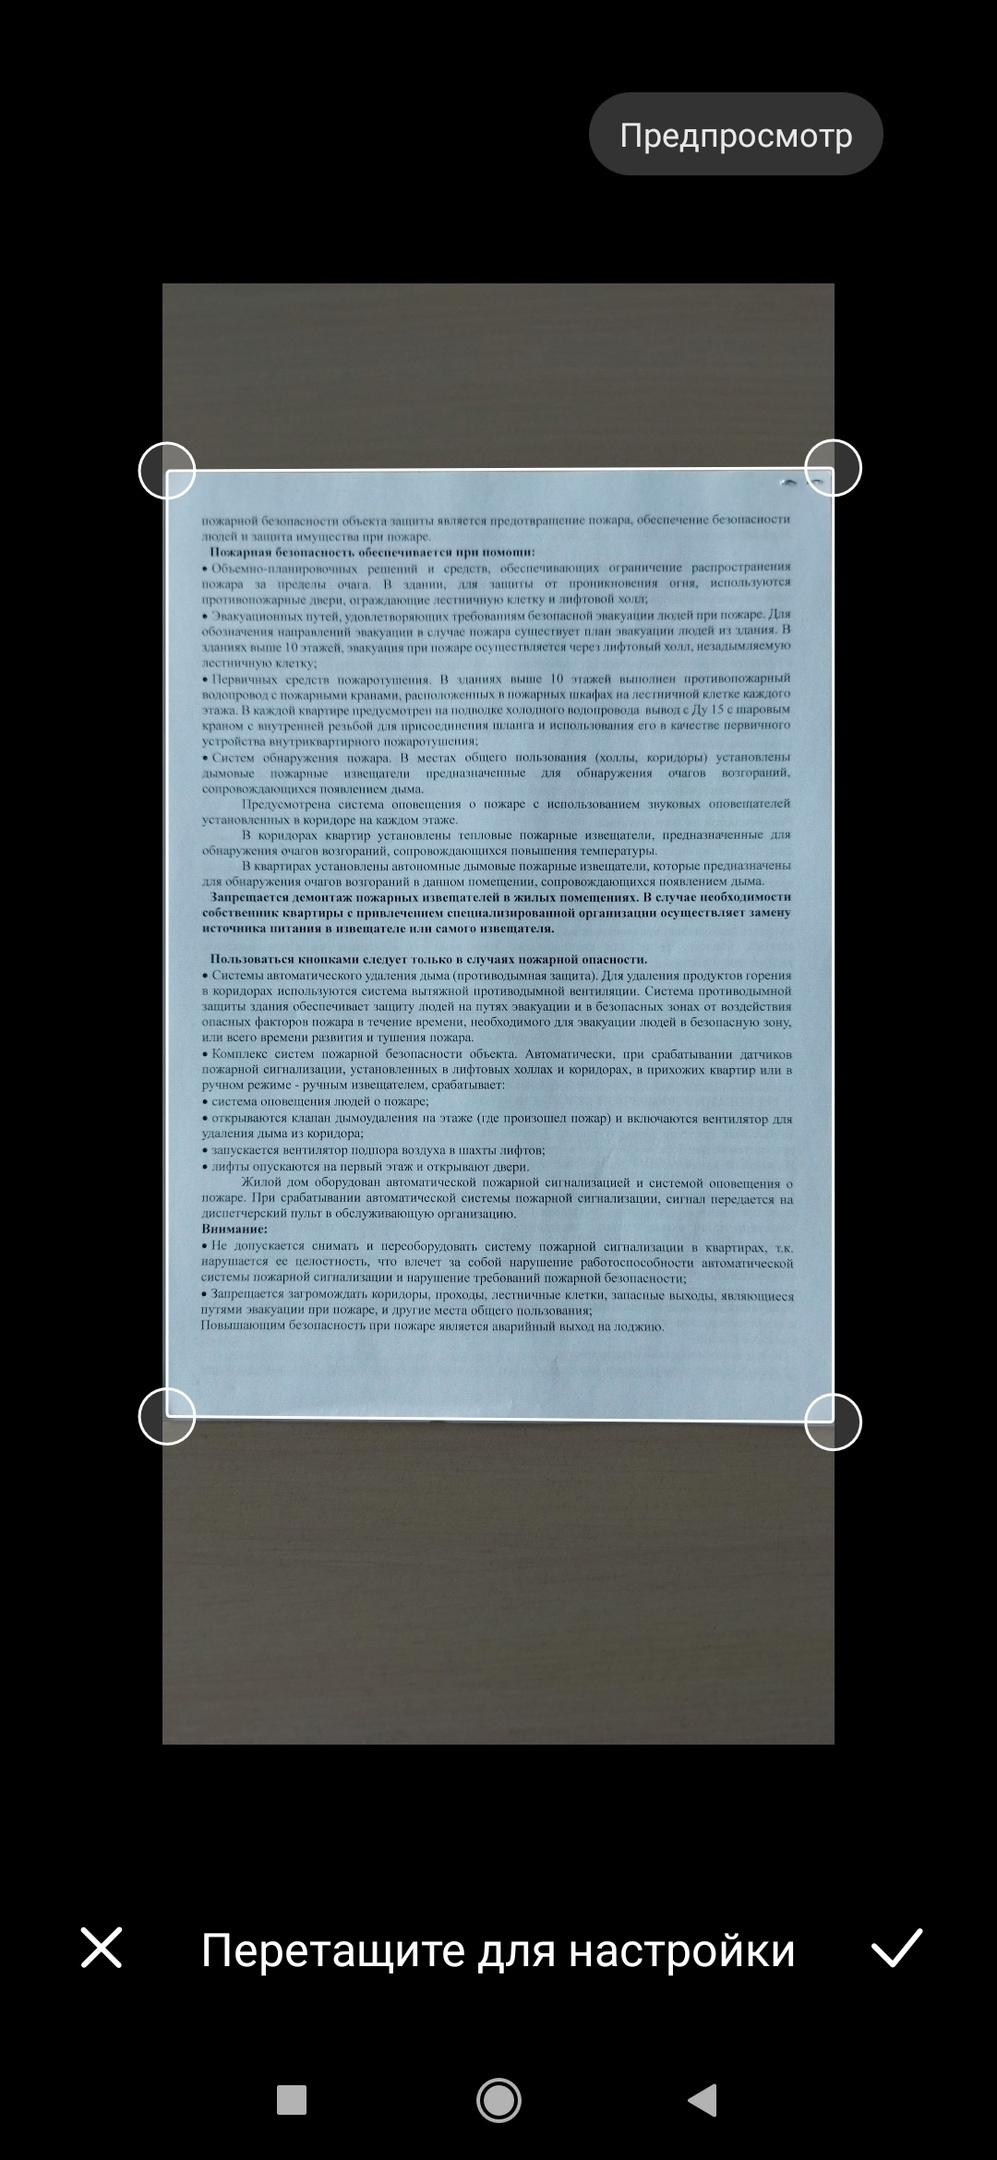 Фото документа на андроид